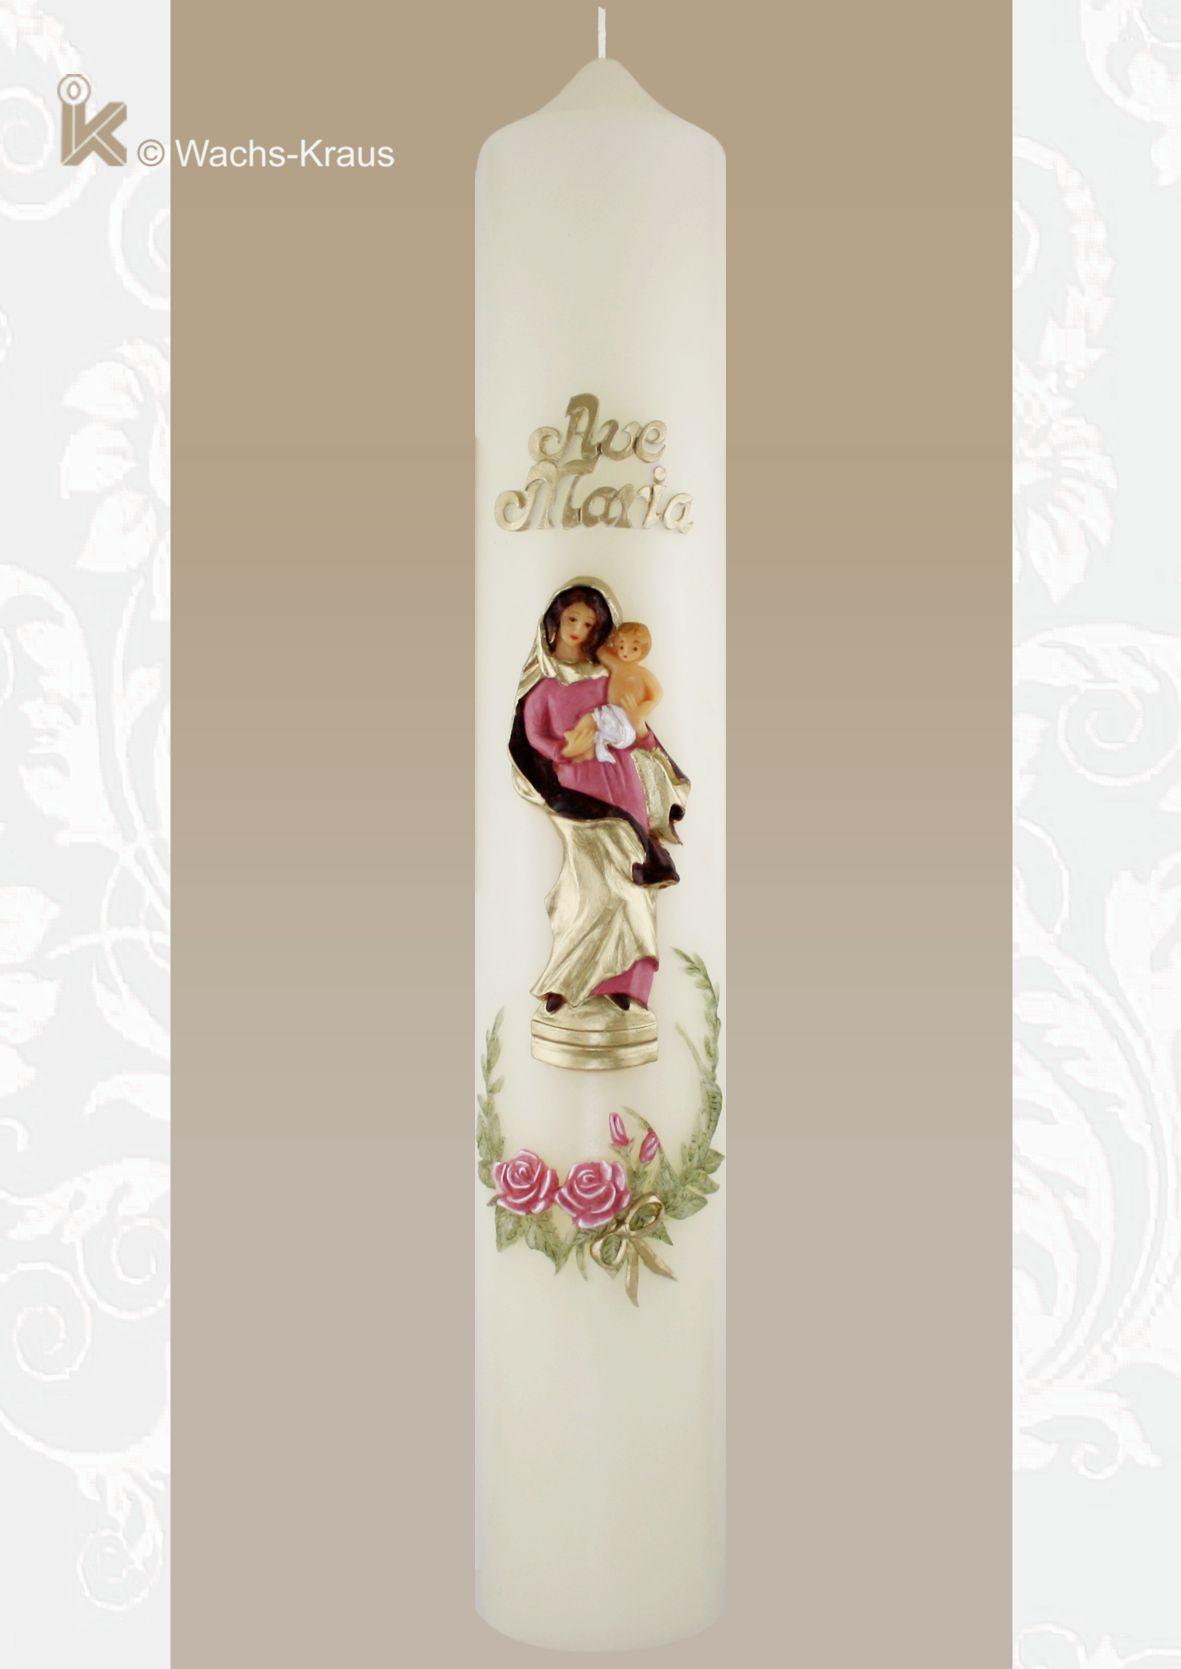 Marienkerze Ave-Maria. Wunderschön und fein modelliert der Schriftzug, die Madonna mit Kind sowie der filigrane Blütenkranz.